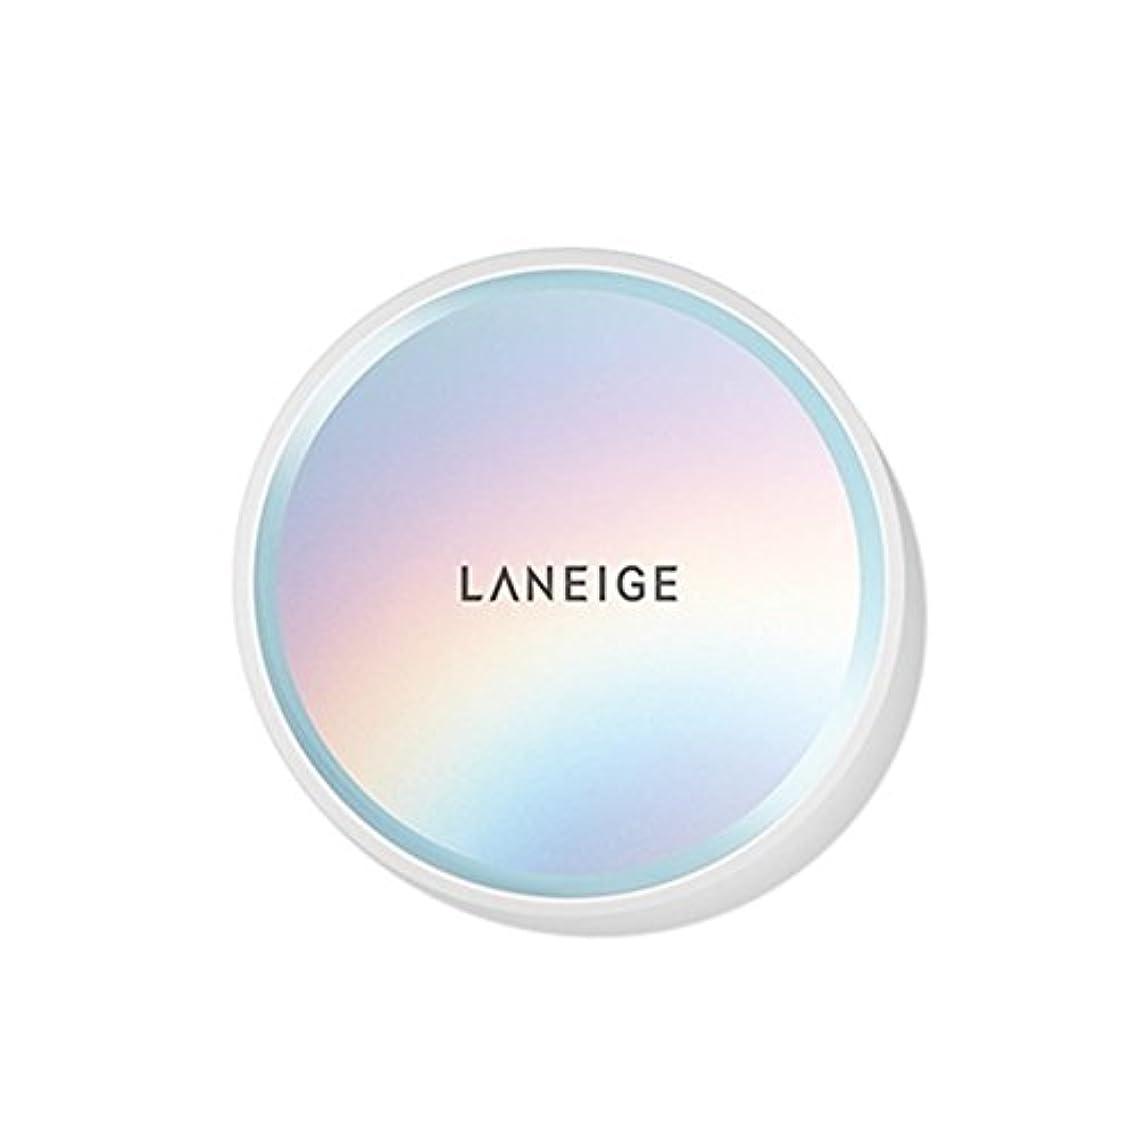 従事した刺激する北西【ラネージュ】 LANEIGE BB Cushion Pore Control BBクッションポアコントロール 【韓国直送品】 OOPSPANDA (6.No. 13 Cool Ivory)